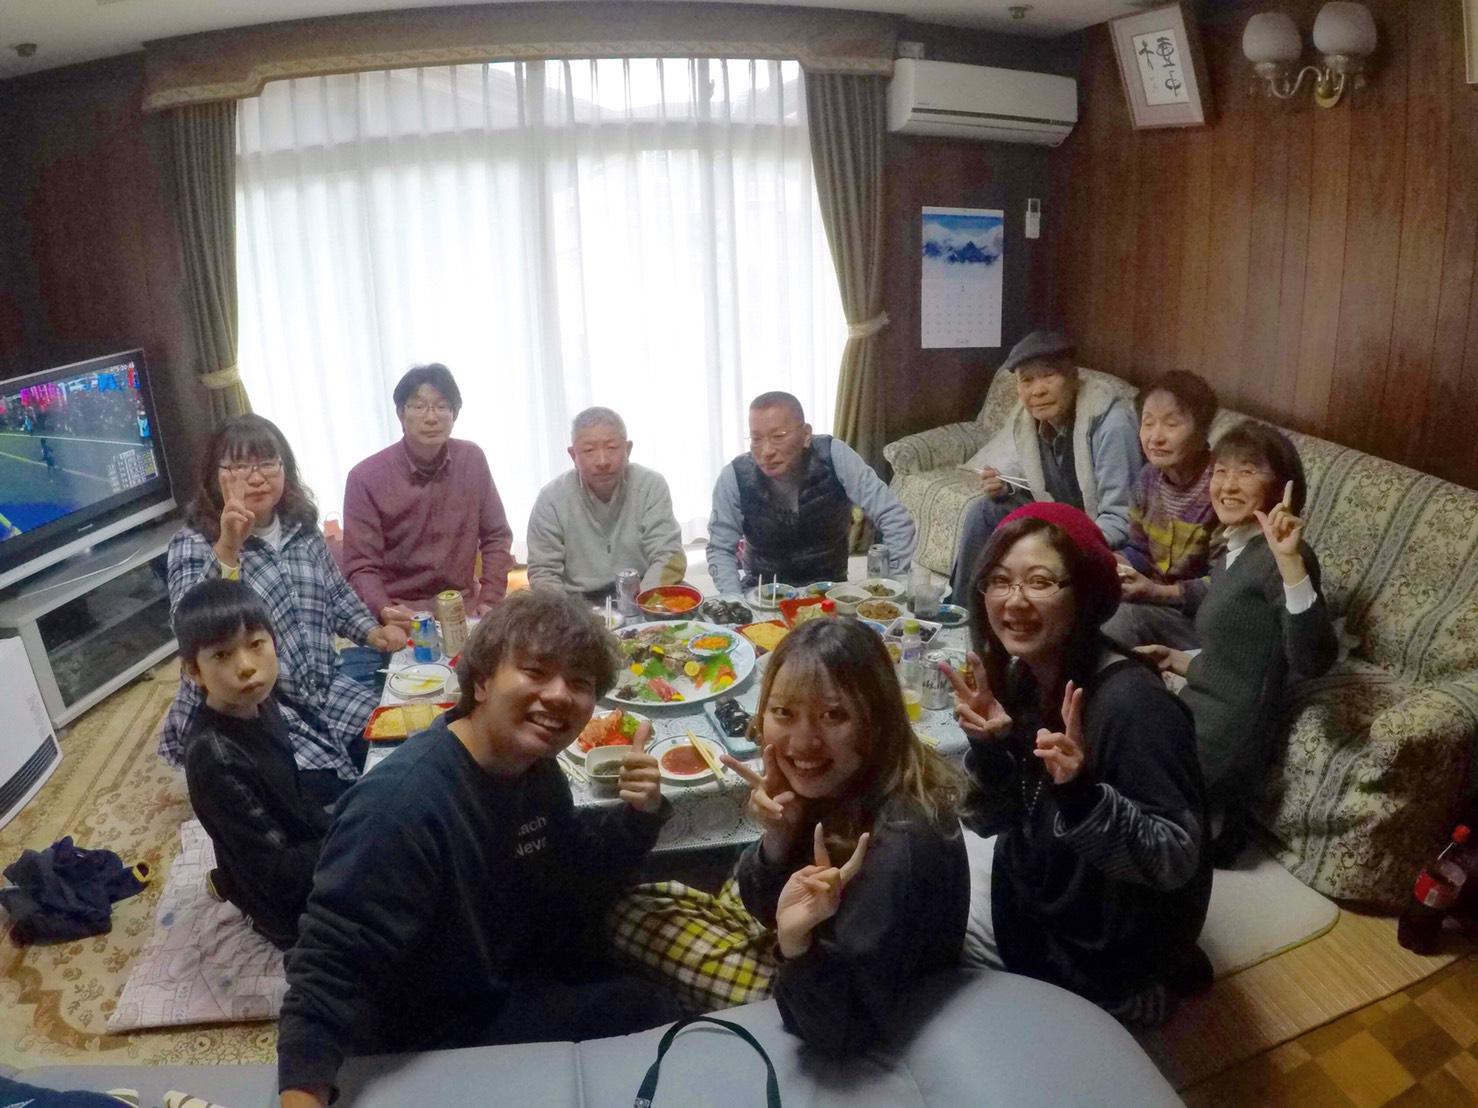 家族とごはんを食べてる写真